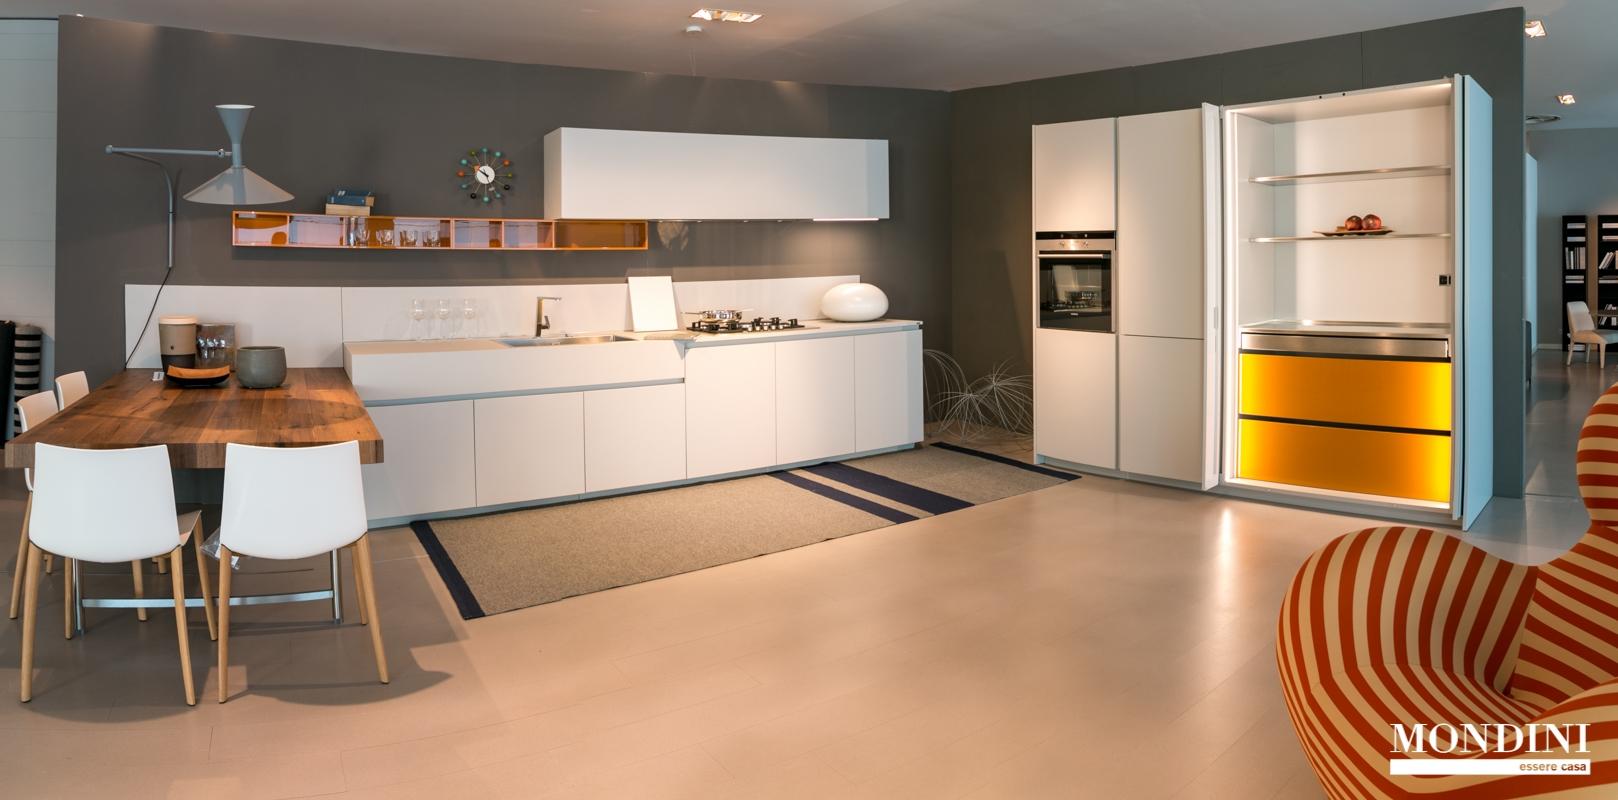 Penisola cucina prezzi ispirazione design casa for Penisola da cucina